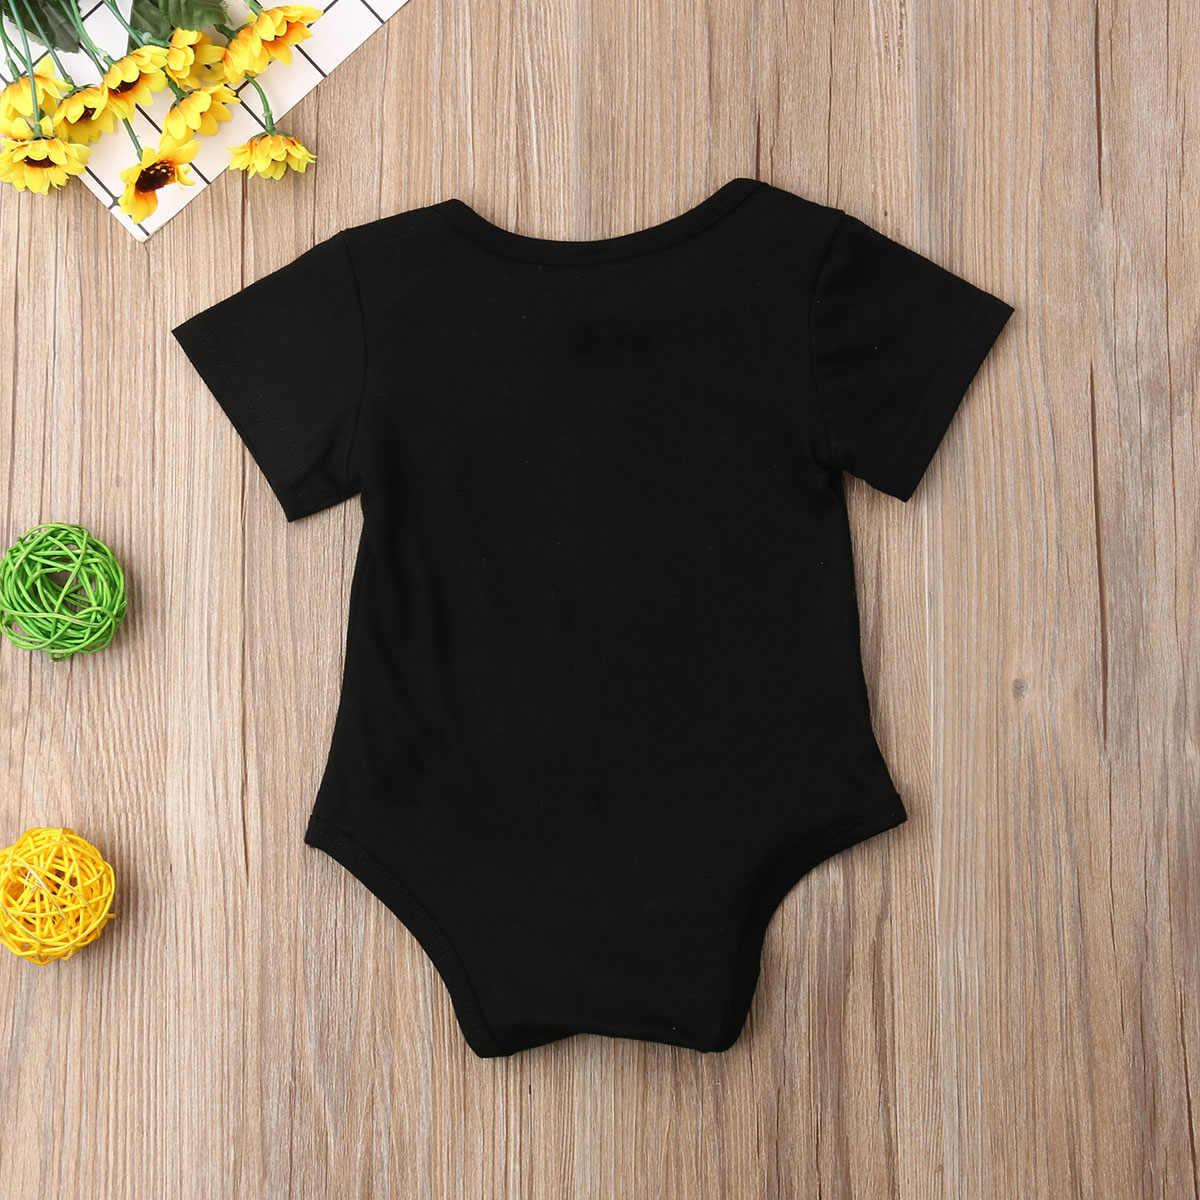 fac7c046467f7 Infant Newborn Baby Boy Girl Clothes Romper Clothes Outfit Jumpsuit  Playsuit Sunsuit Clothes